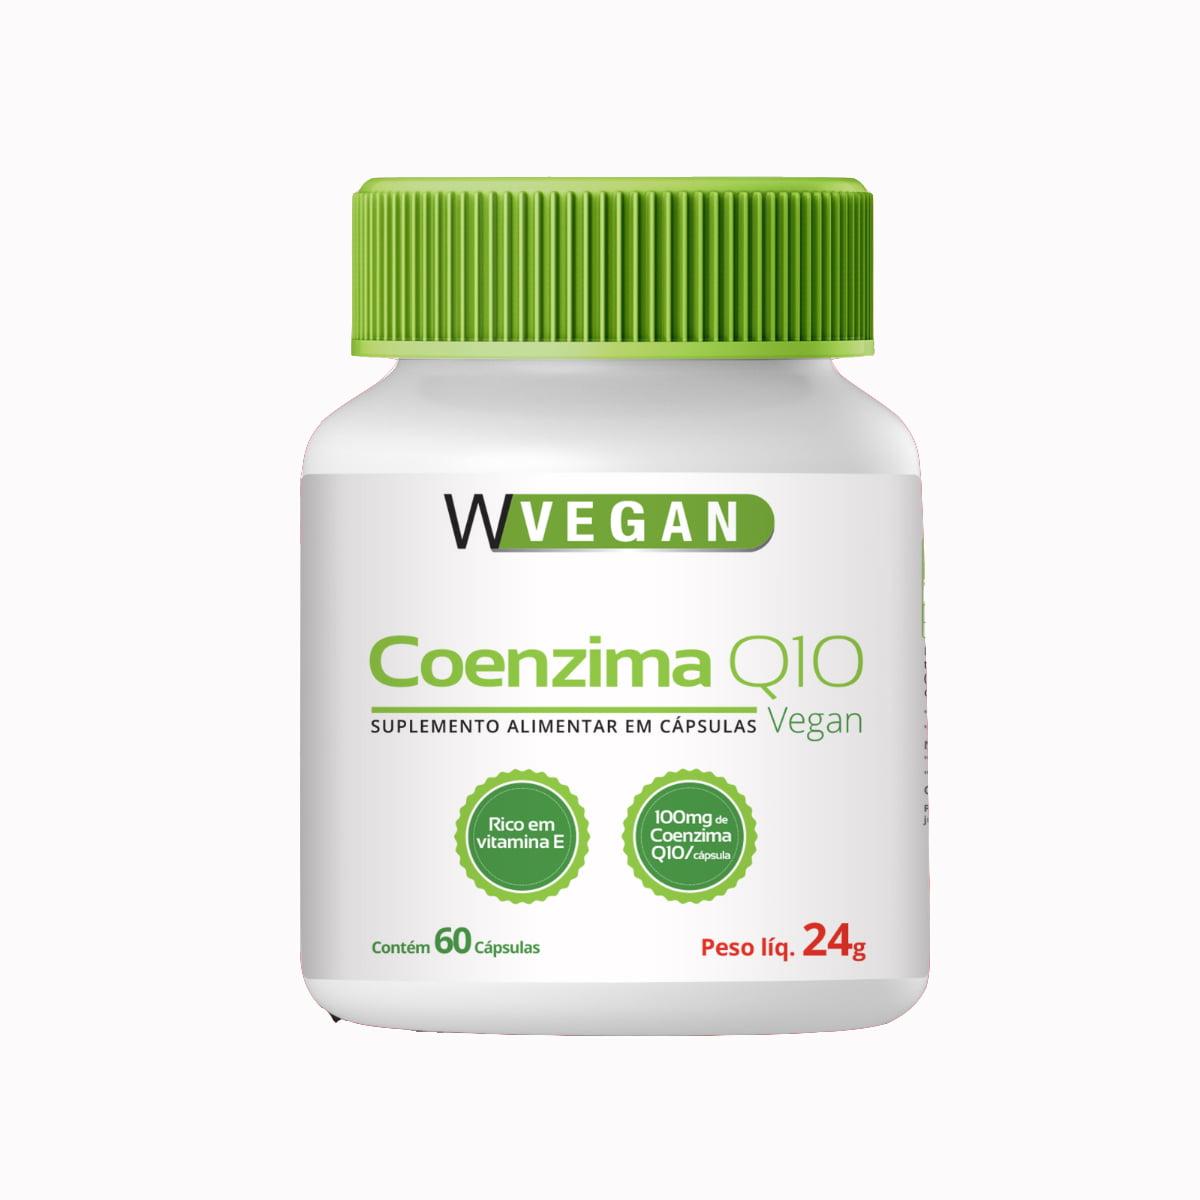 Coenzima Q10 500mg 60 capsulas WVegan